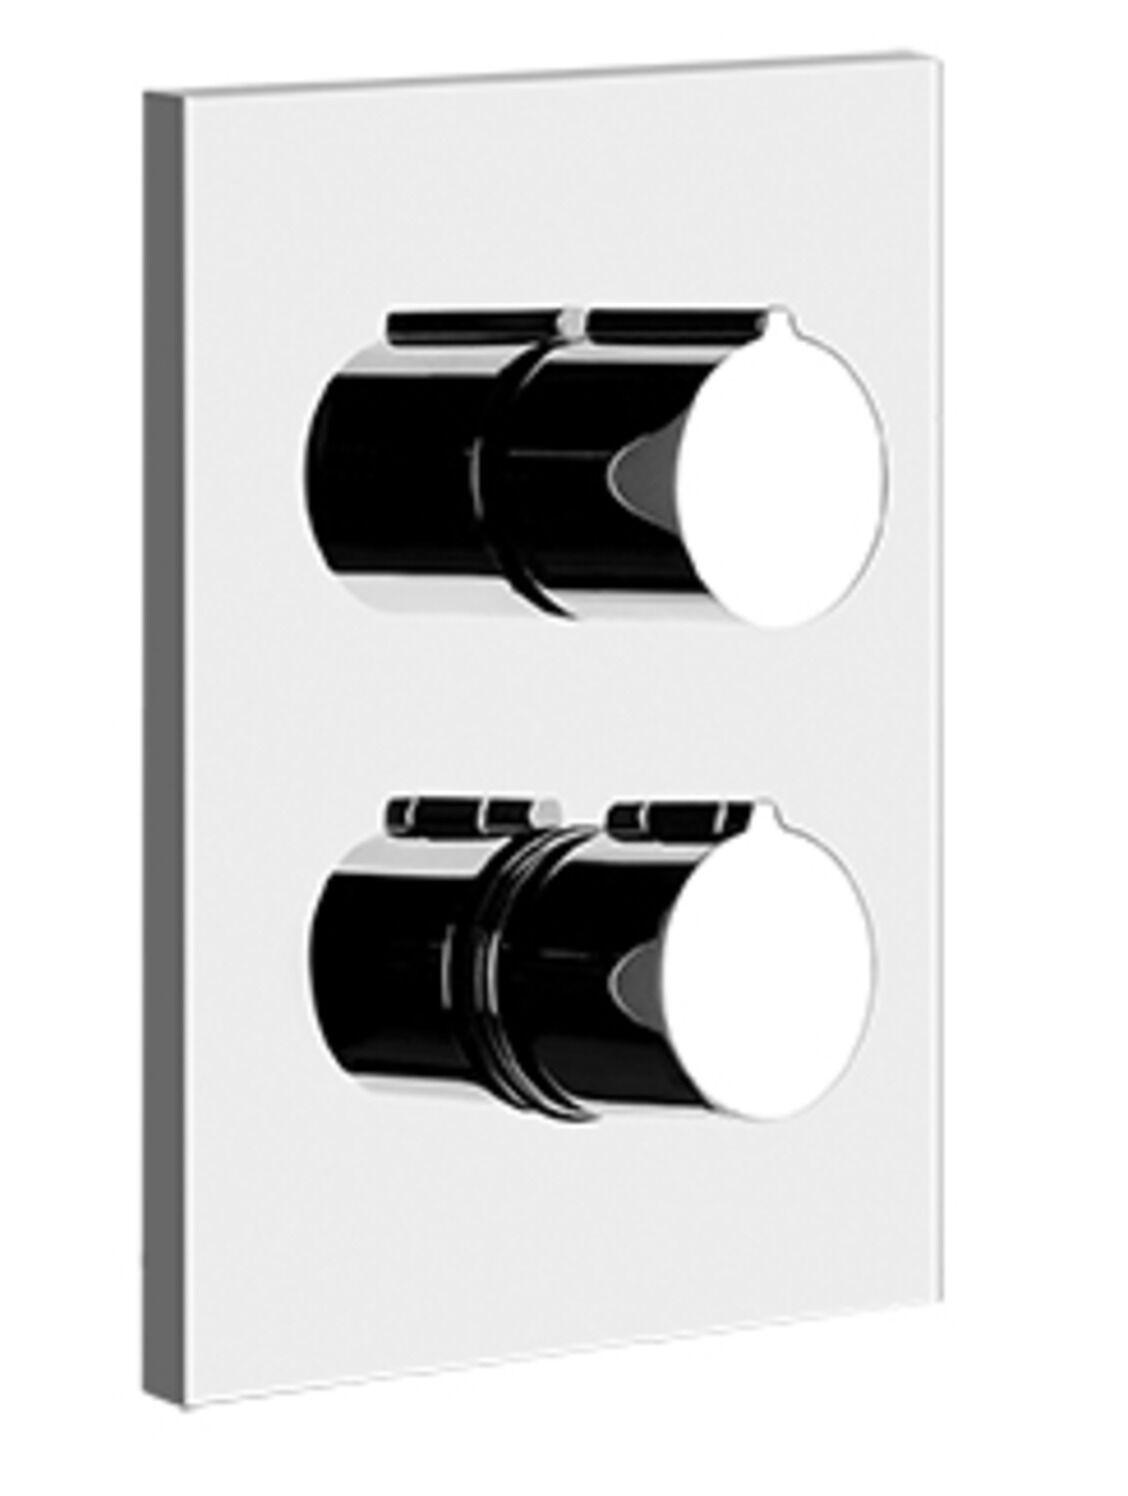 Farbset Farbset Farbset Therm.Ozone Trasparenze  m.3-Wege-Umstellung f.GESSIUPKTH Gessi 13436031 | Modern Und Elegant  | Perfekt In Verarbeitung  | Ausgezeichnete Qualität  d603b2